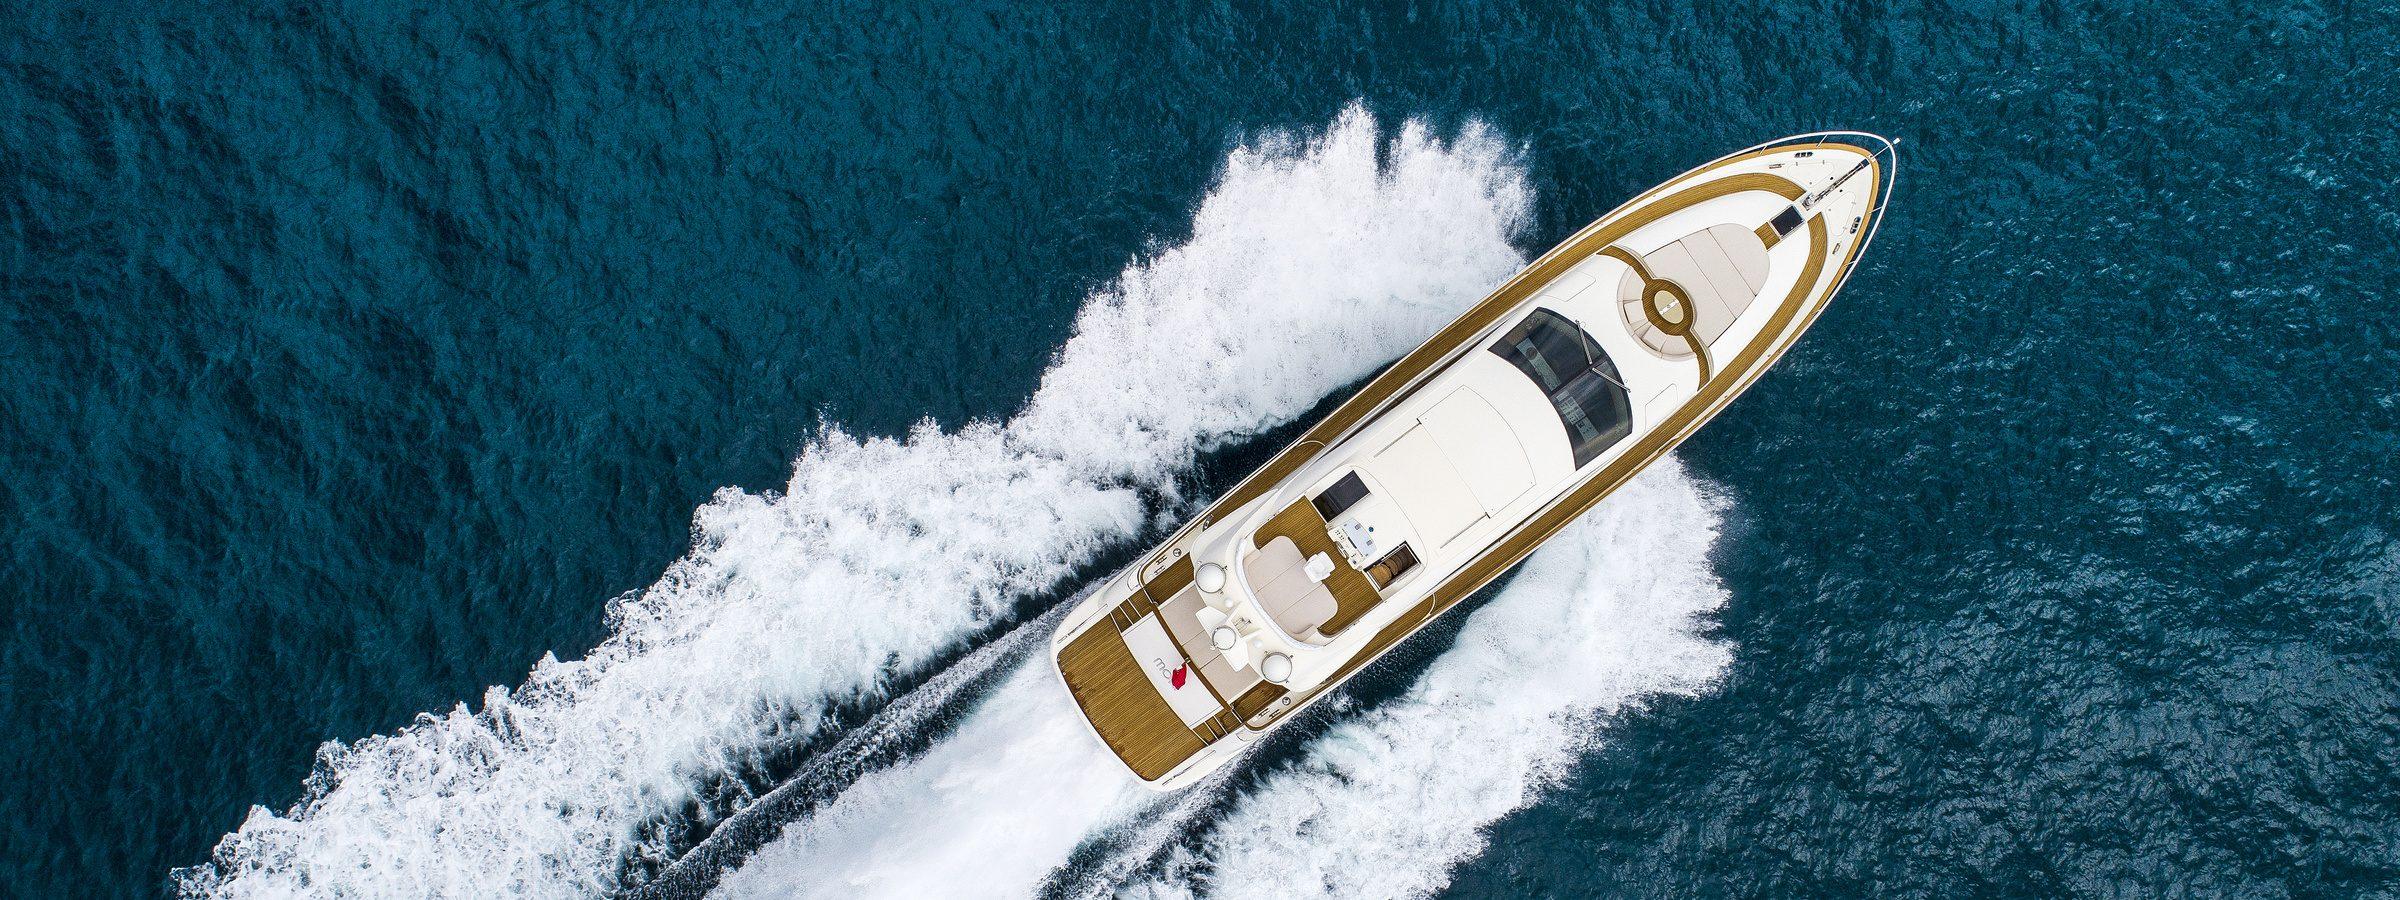 ESTERNI moki yacht